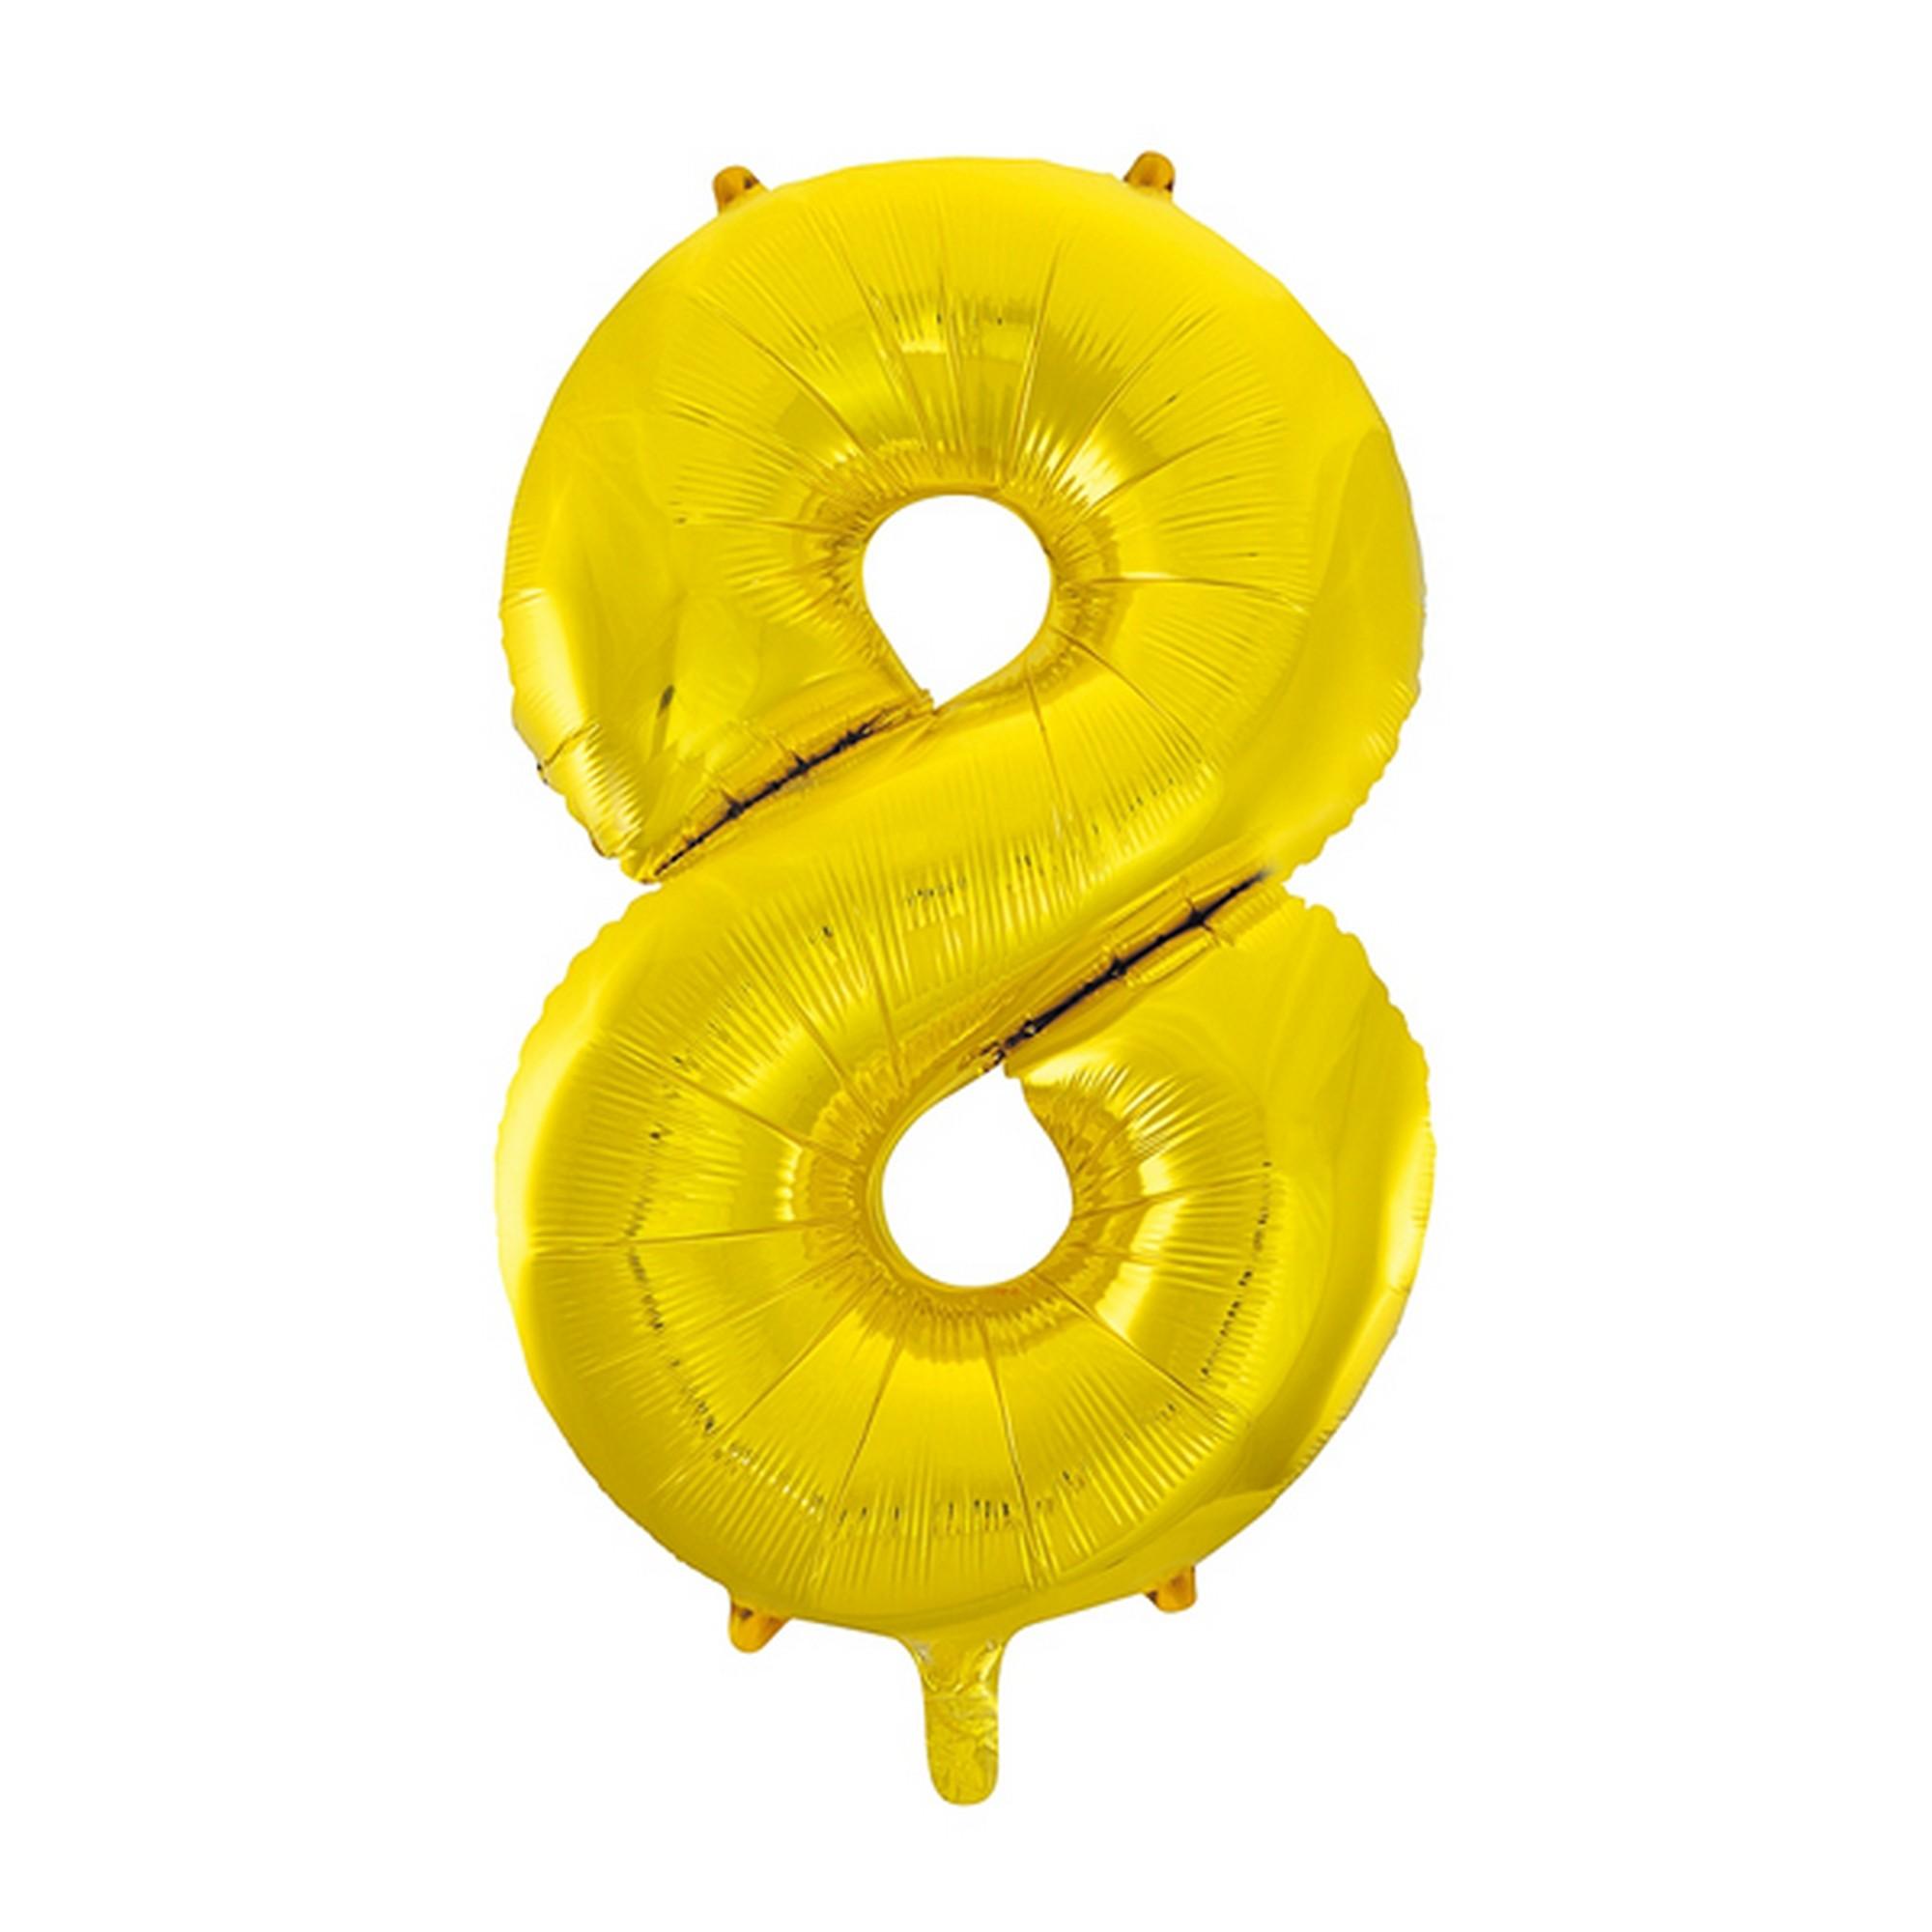 Unique-Party-Ballon-NOMBRES-SG9049 miniature 10